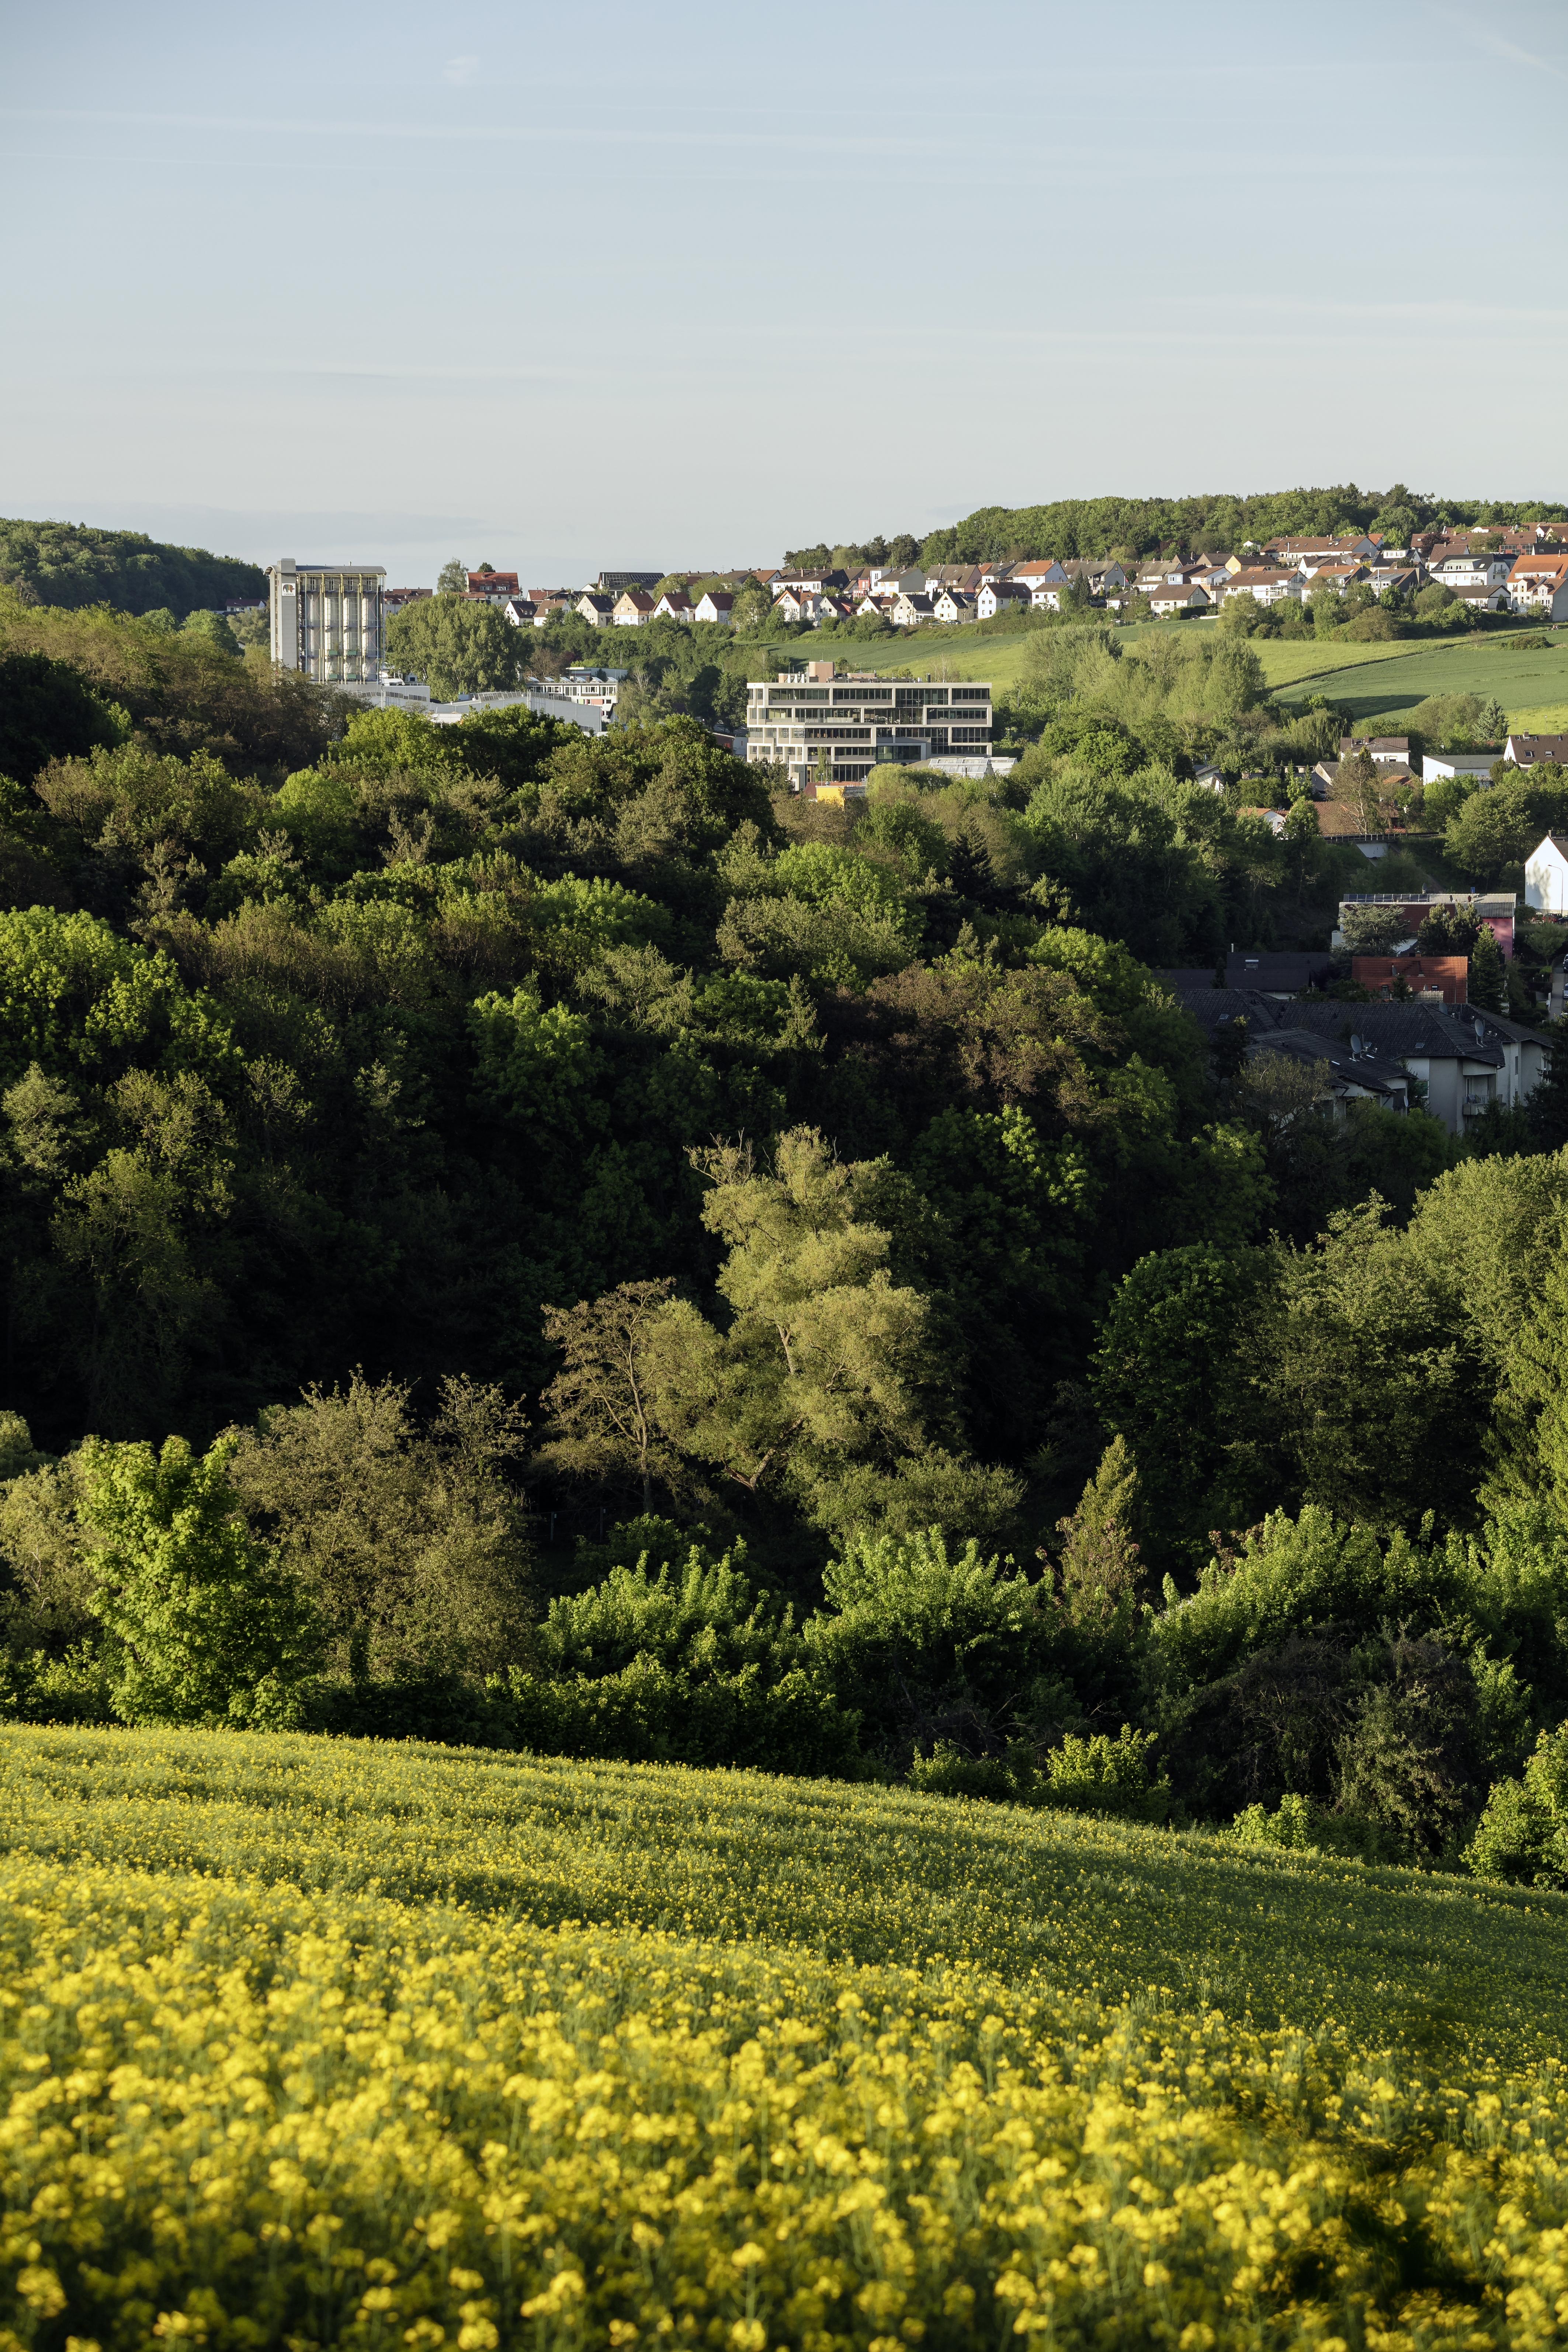 <p>Gezicht op Ober-Ramstadt en het kantoorgebouw</p>